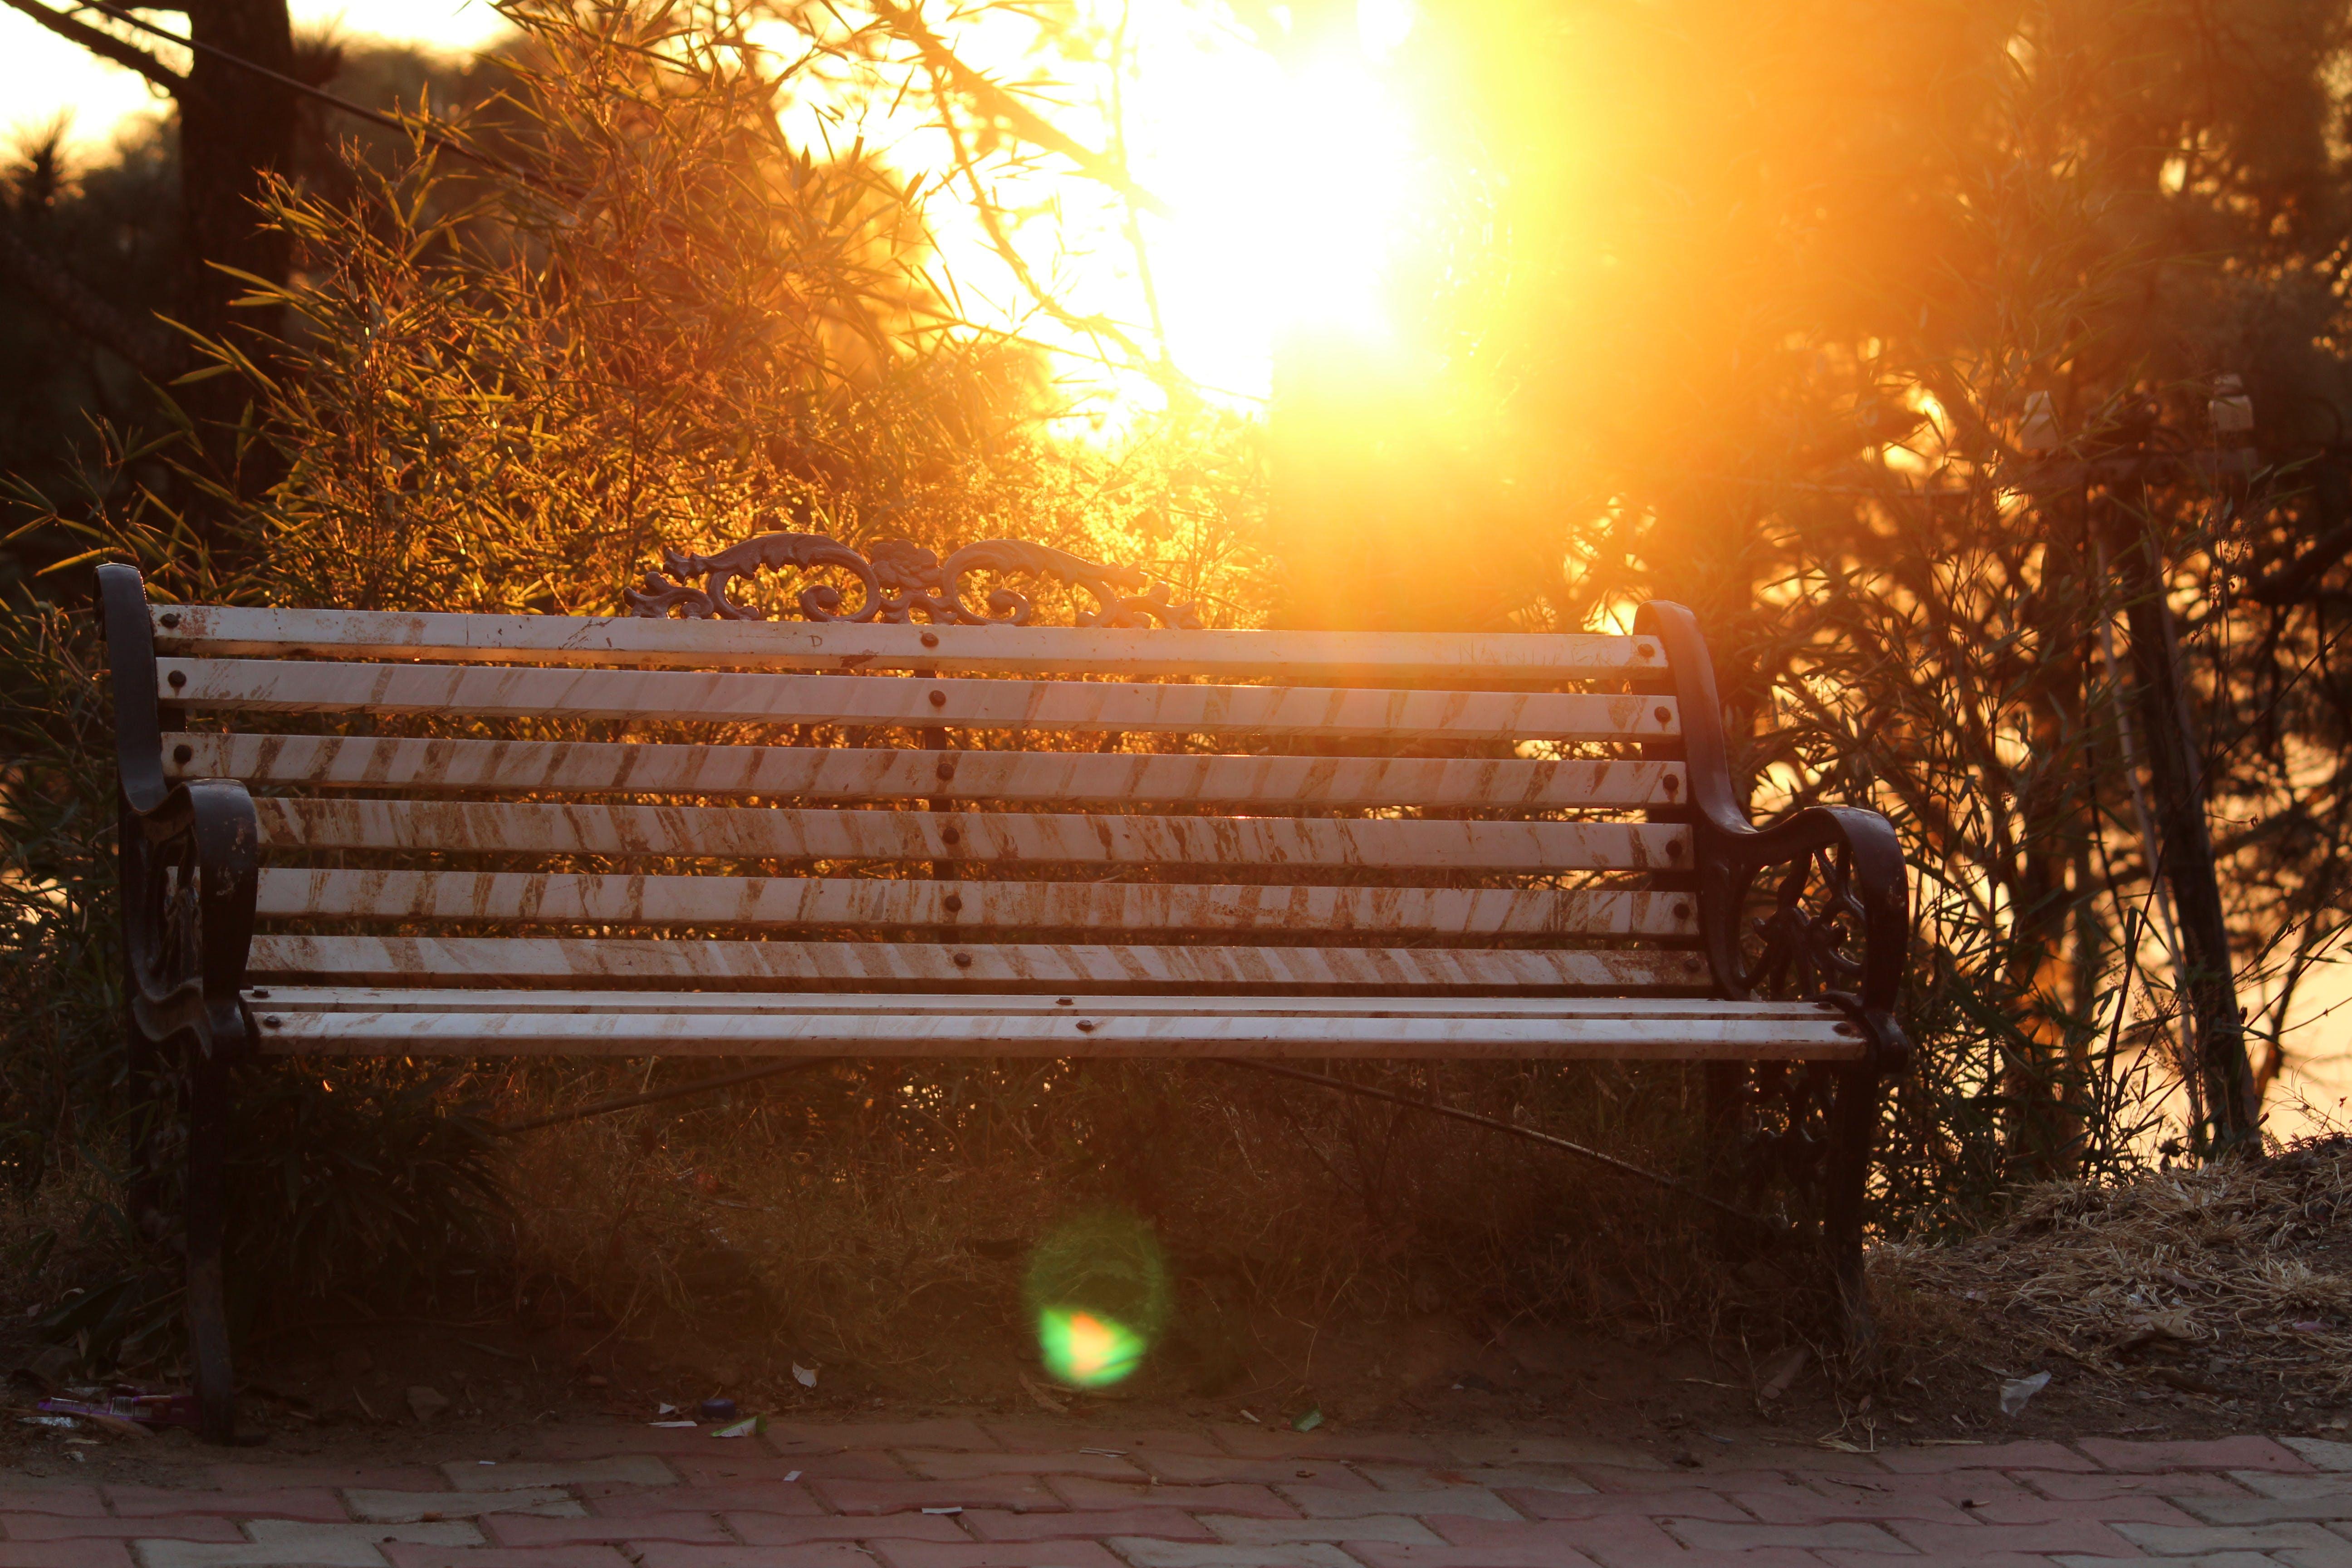 Безкоштовне стокове фото на тему «вечір, Денне світло, дерева, Захід сонця»